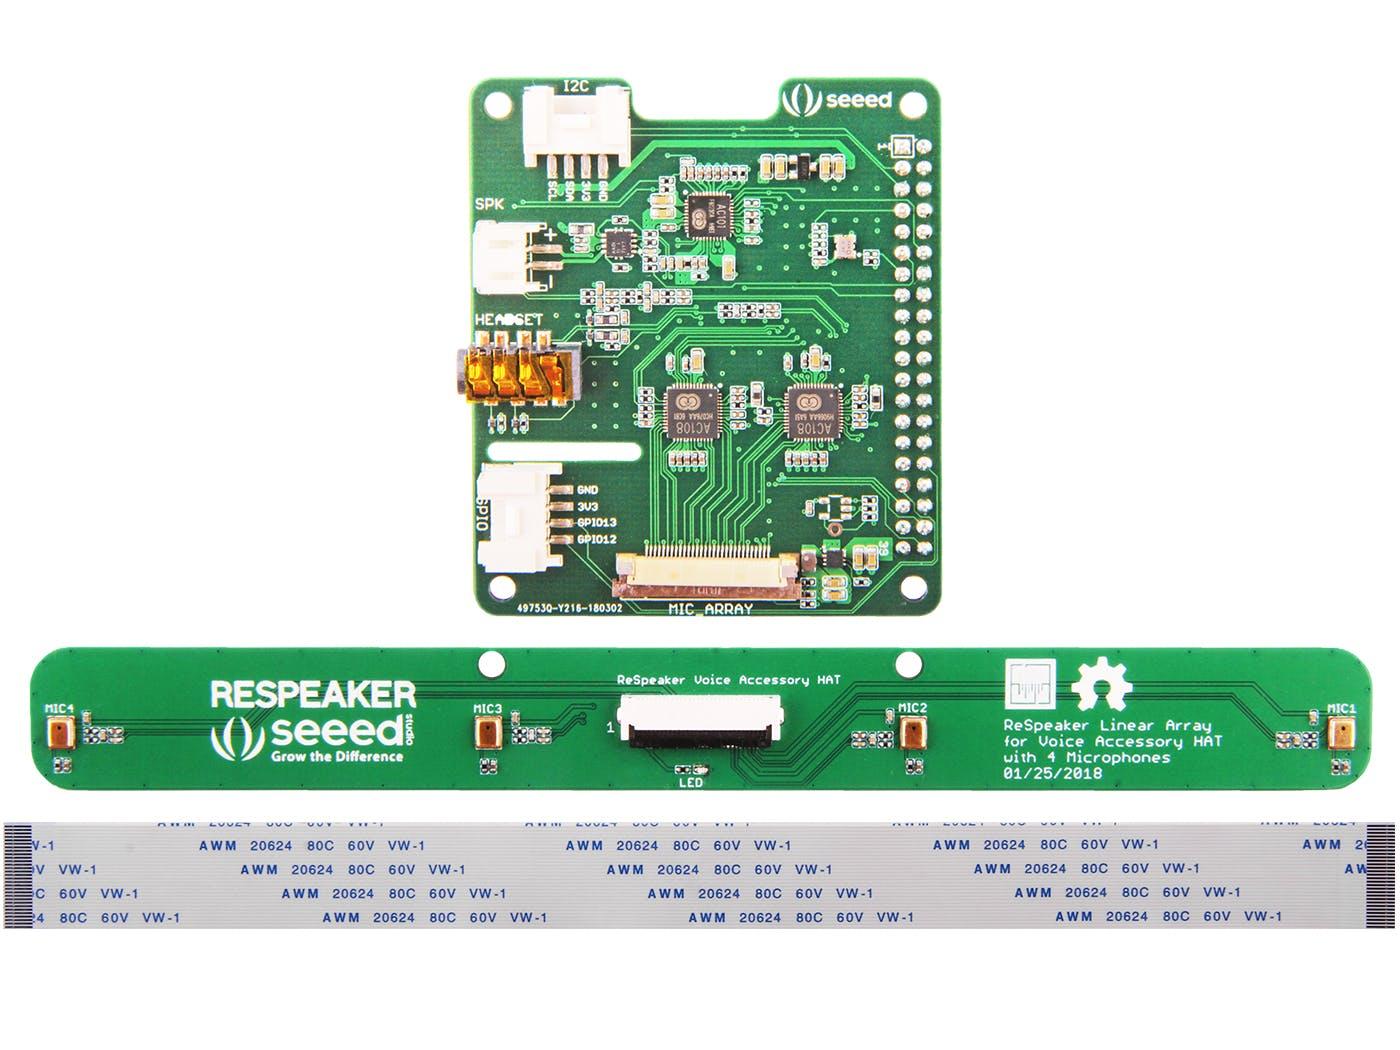 ReSpeaker 4-Mics Linear Array Kit